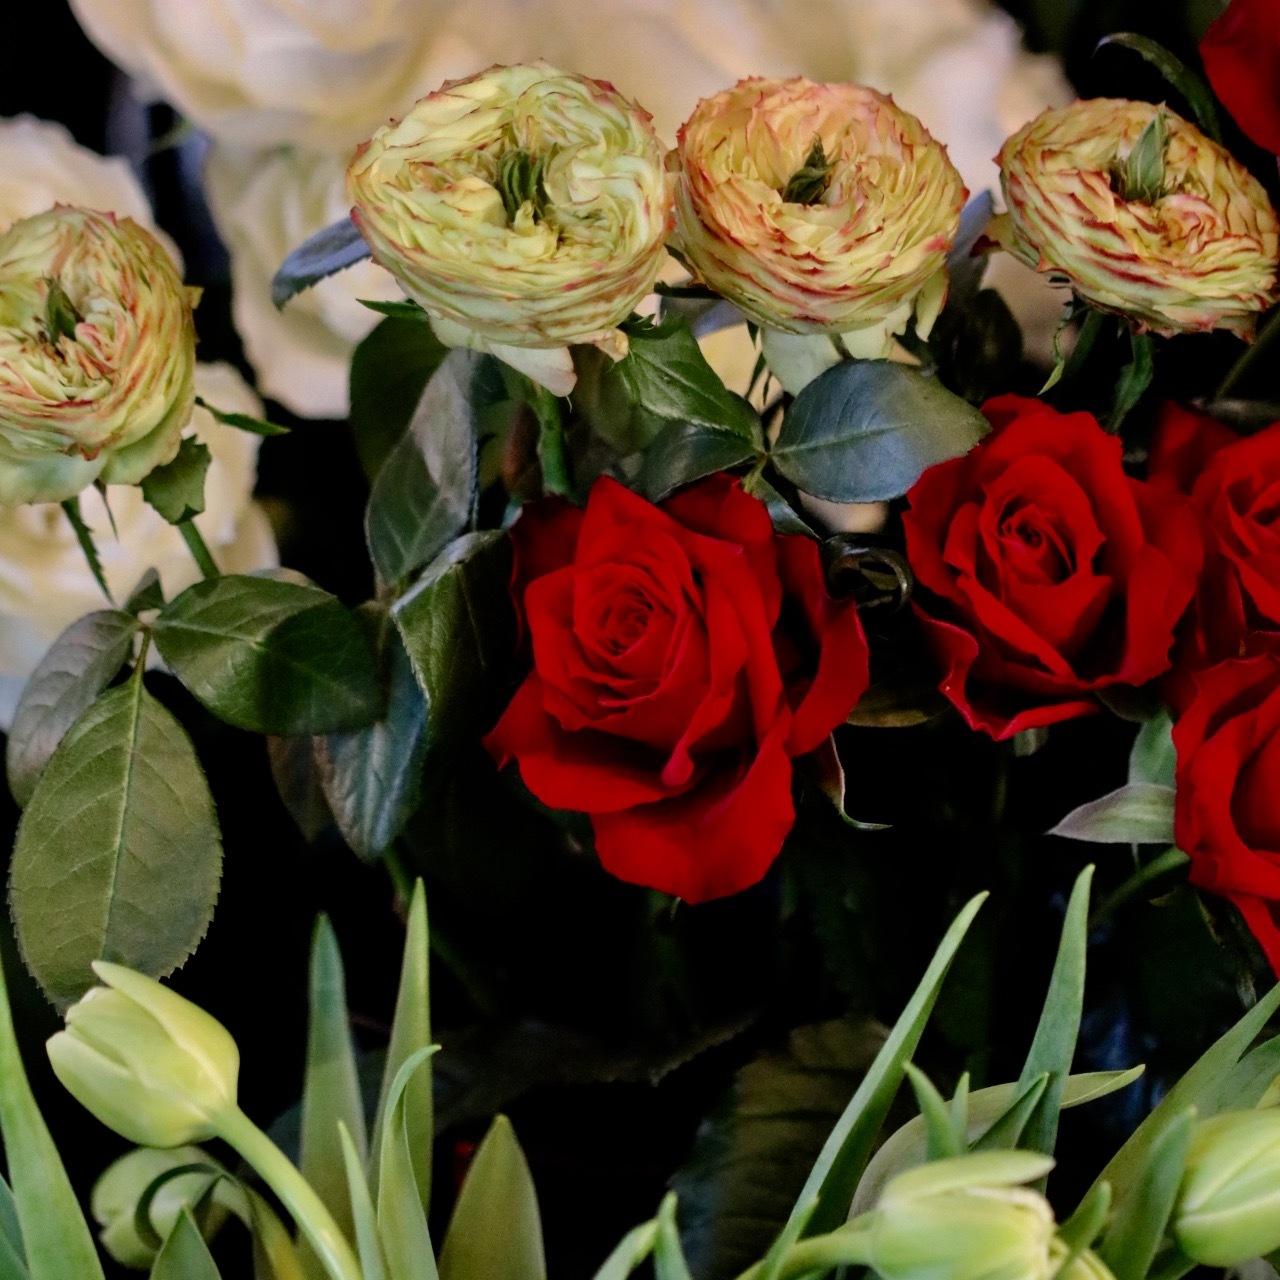 週末には、花屋に行こう!_c0366722_17560055.jpg